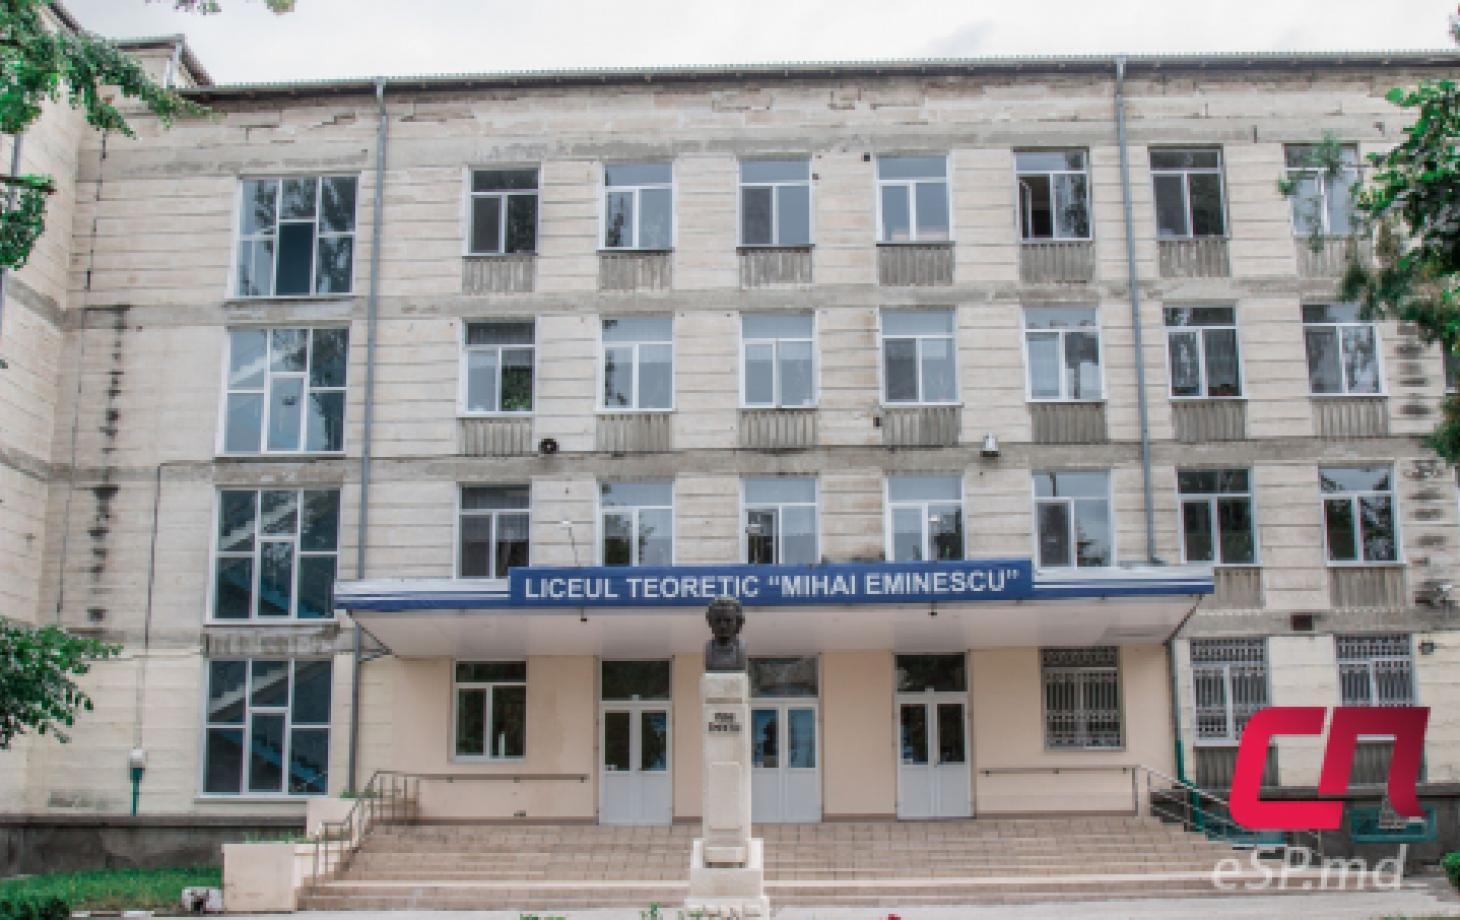 Лицей им. М. Эминеску в Бельцах